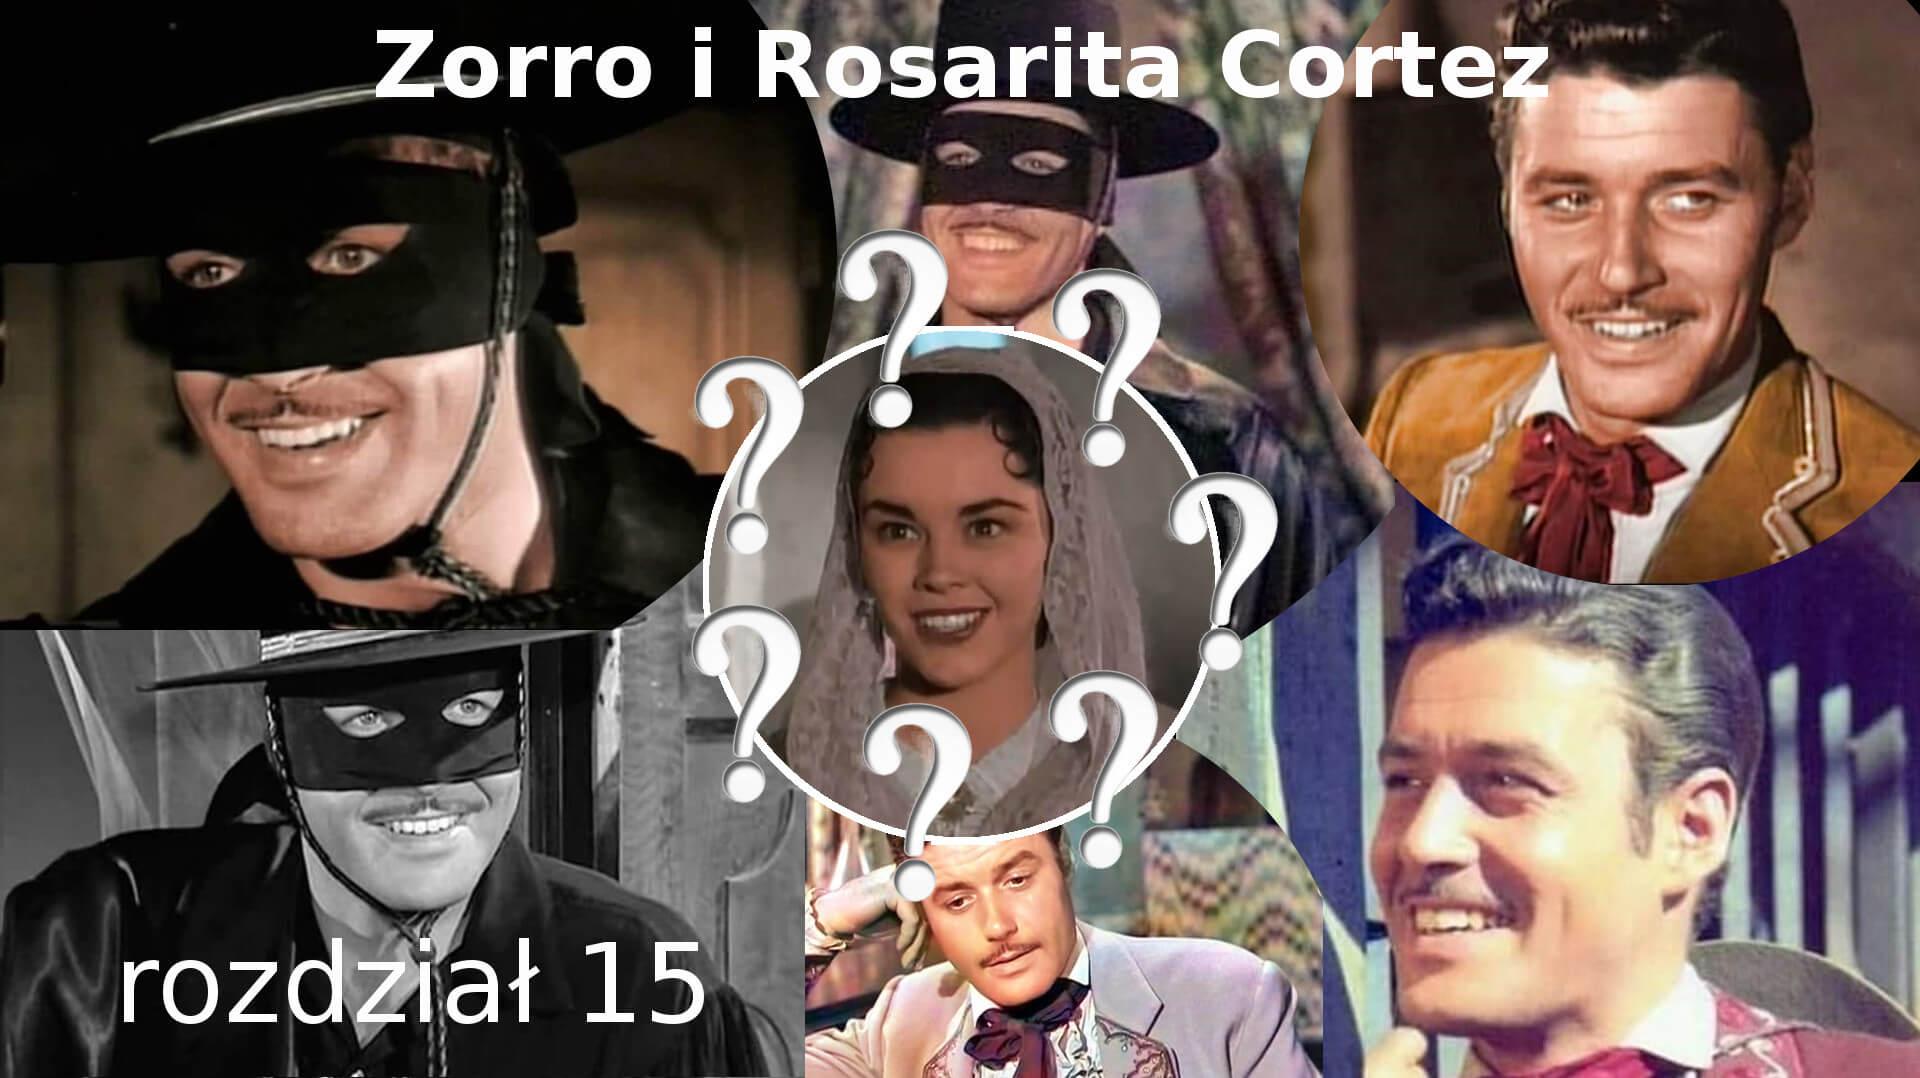 Zorro i Rosarita Cortez rozdział 15 Zorro fanfiction